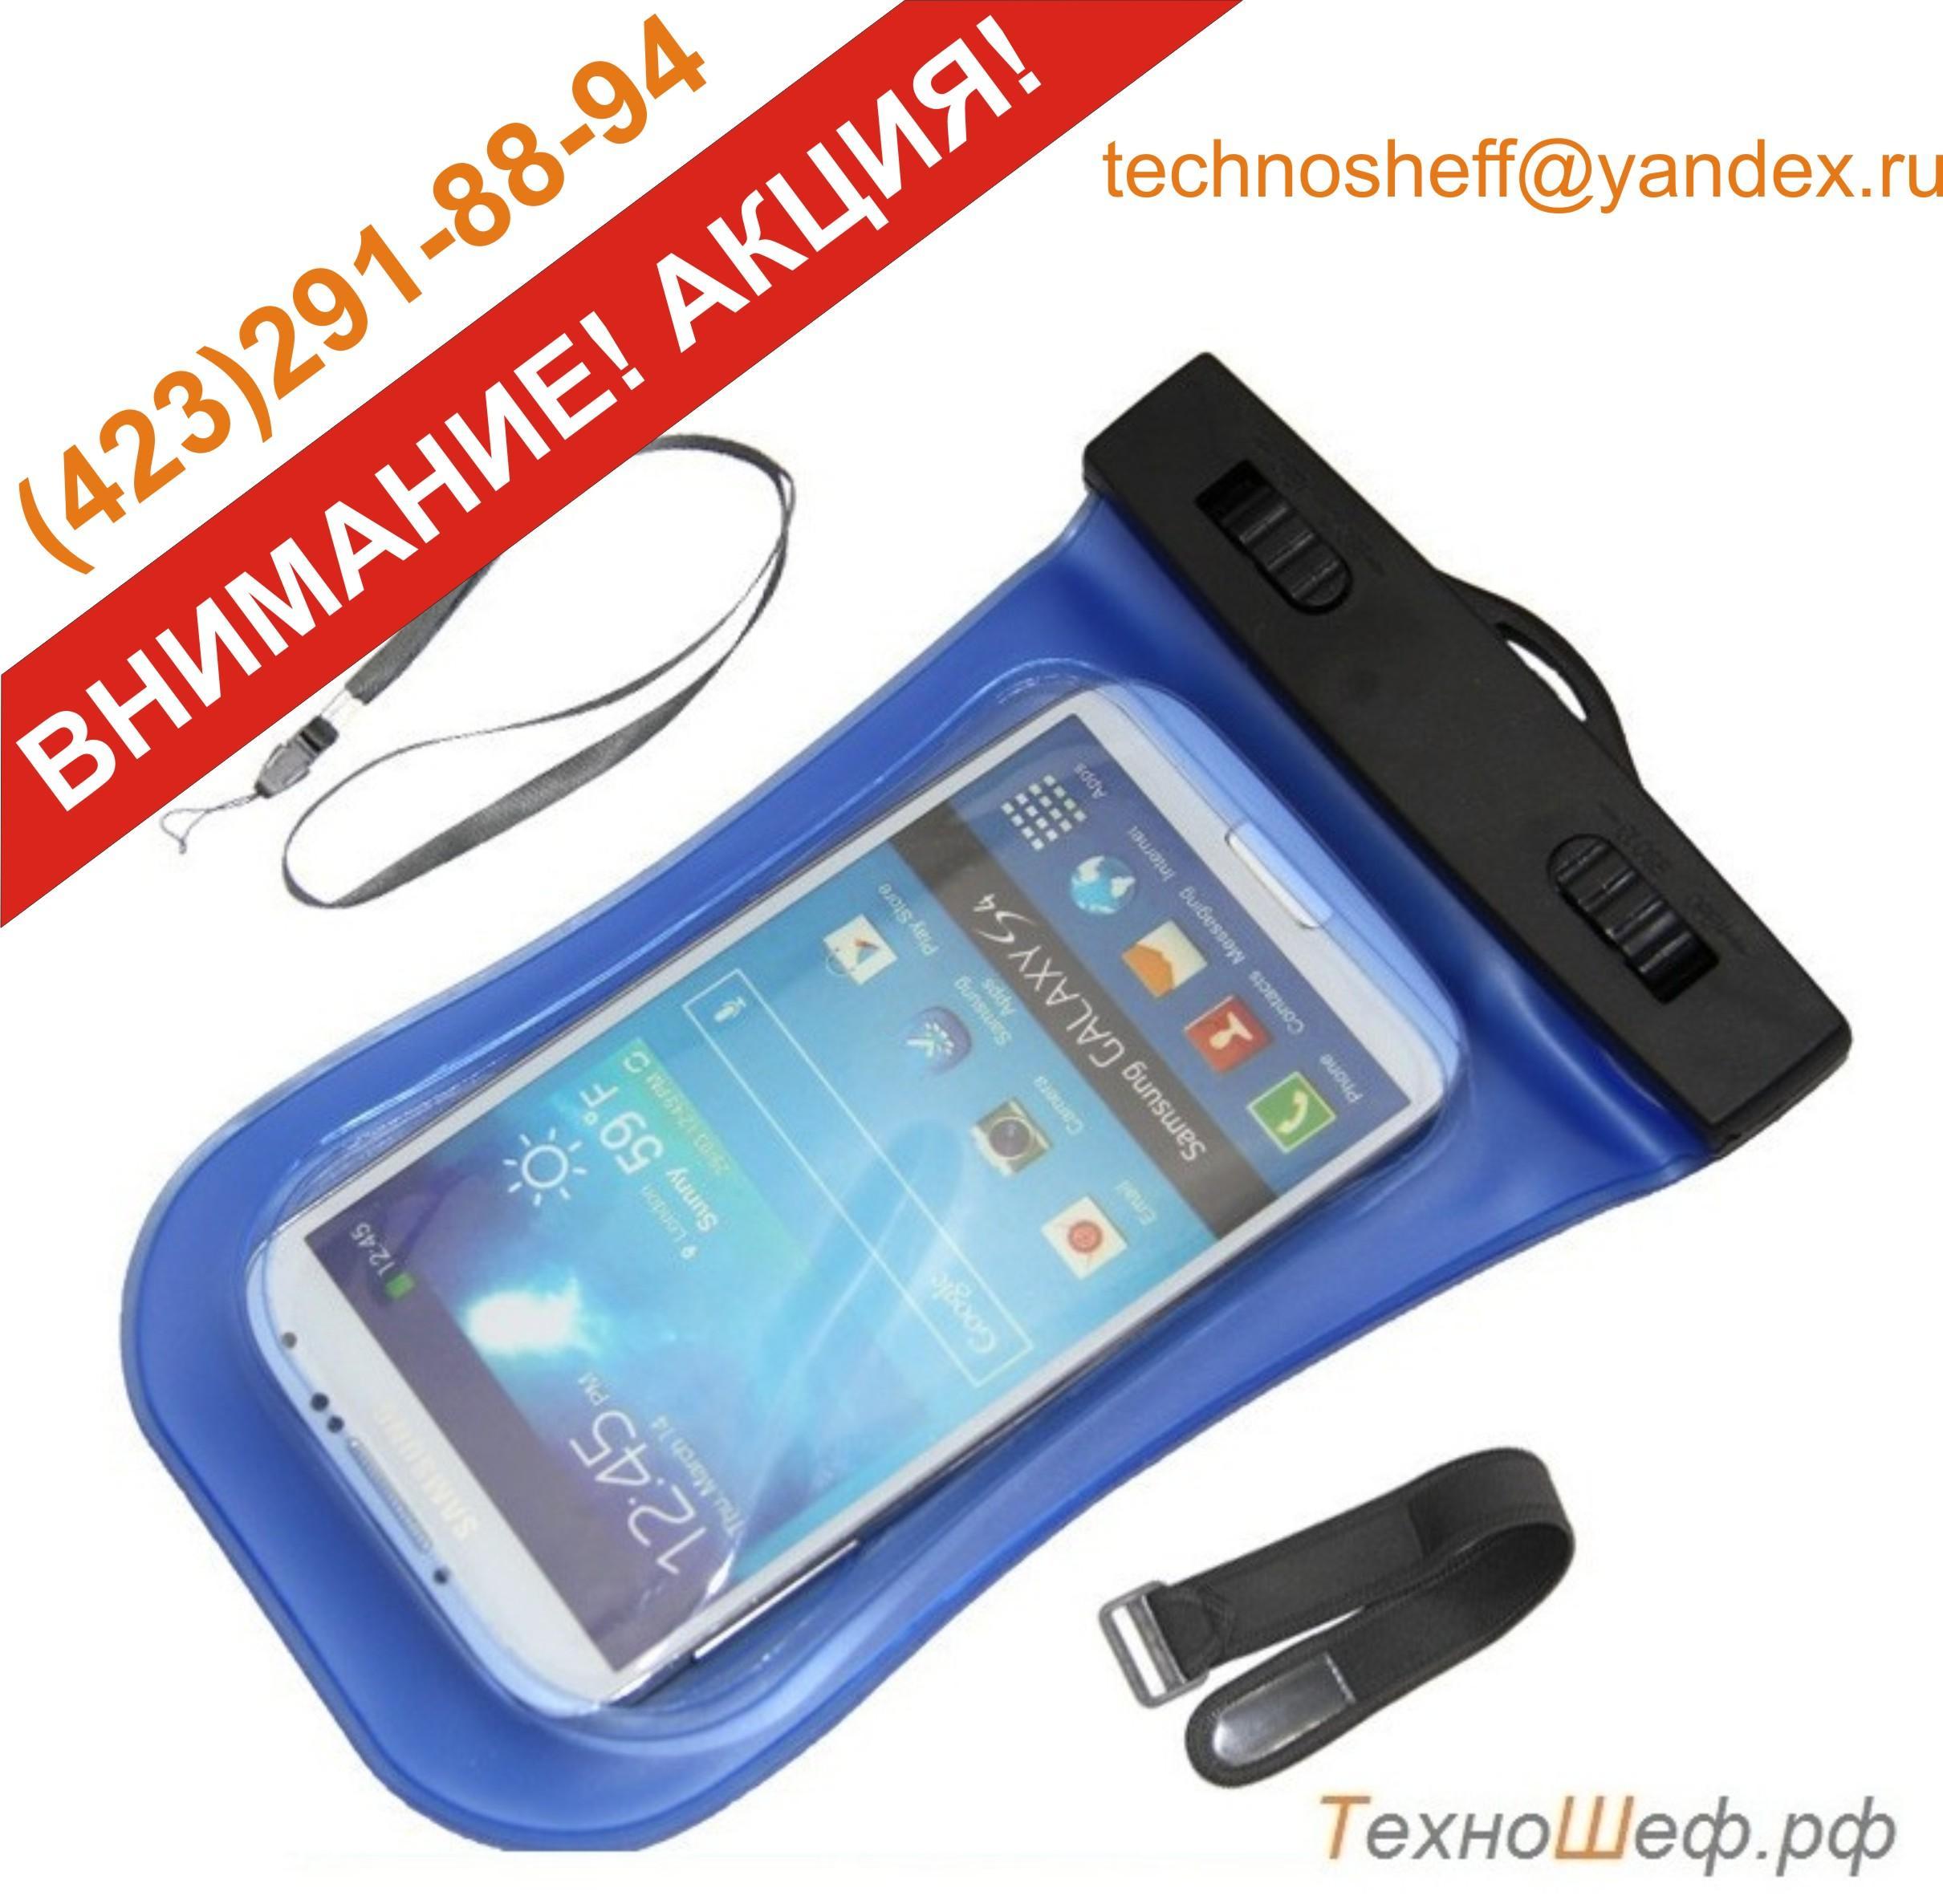 Чехол водонепроницаемый для смартфона своими руками